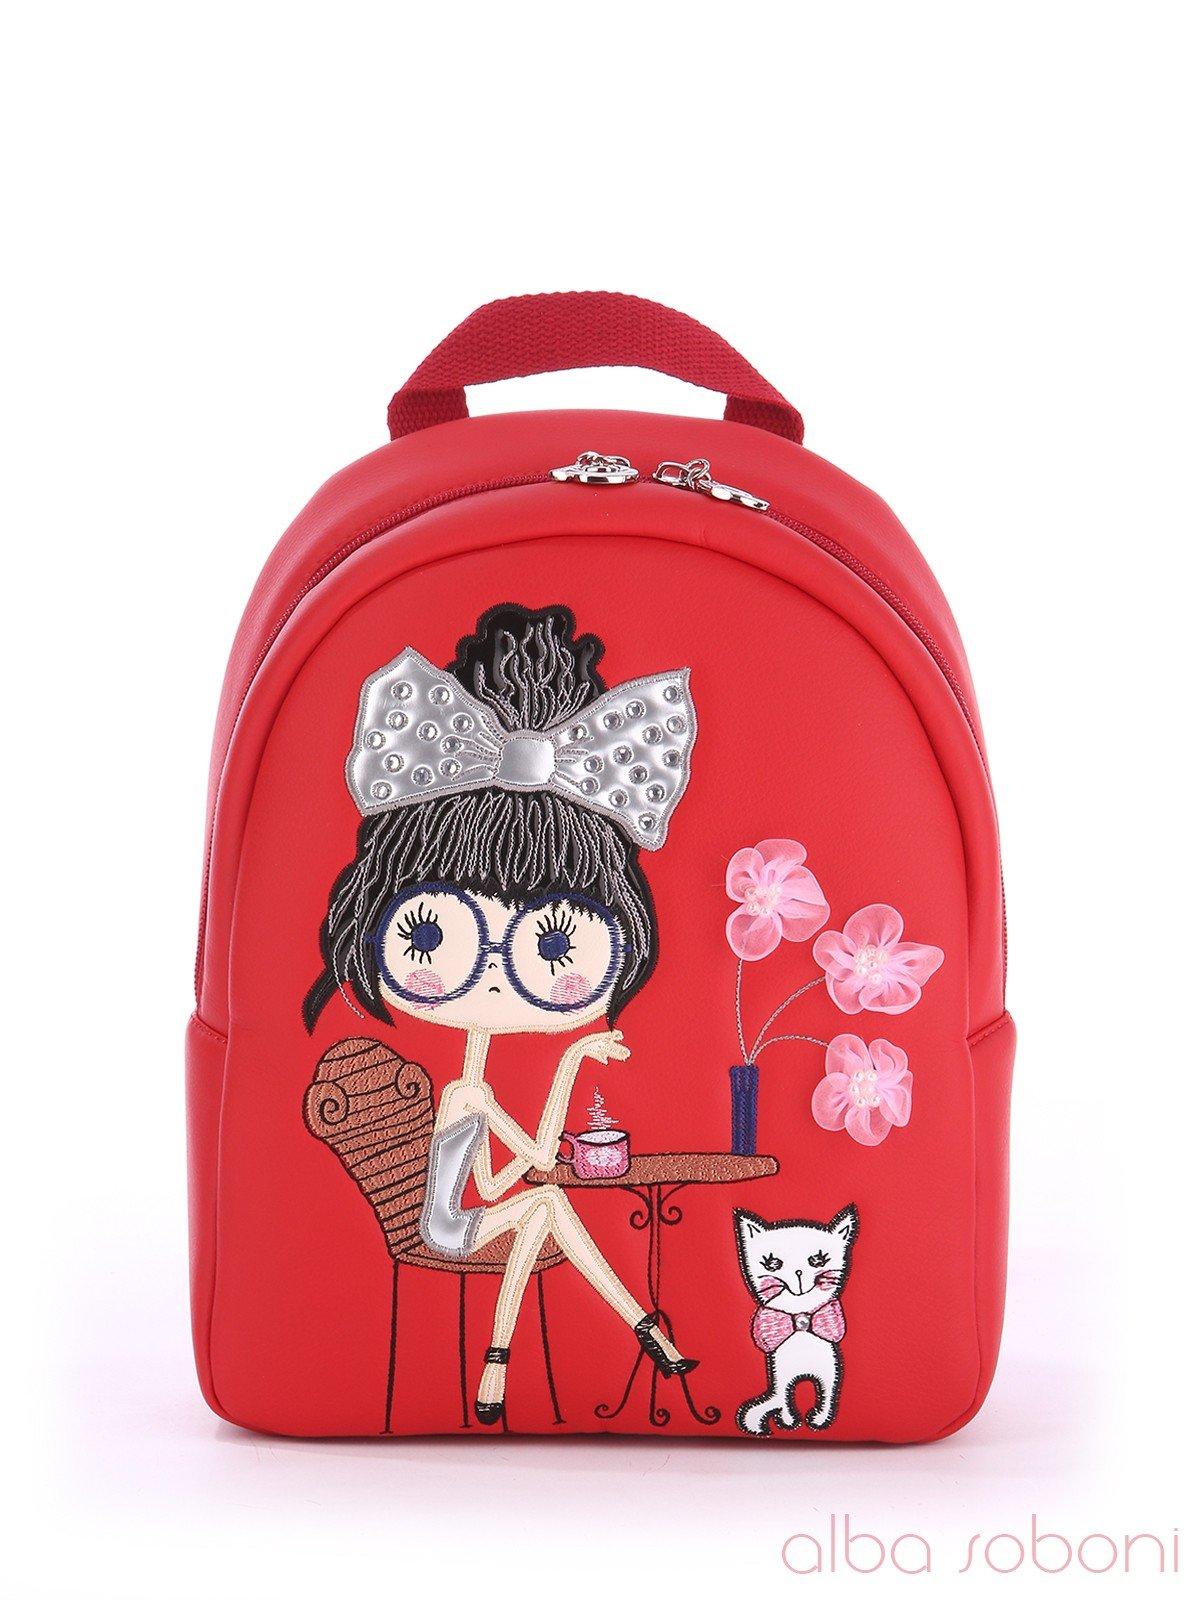 DeLune  школьные рюкзаки ранцы сумки мешки для обуви и